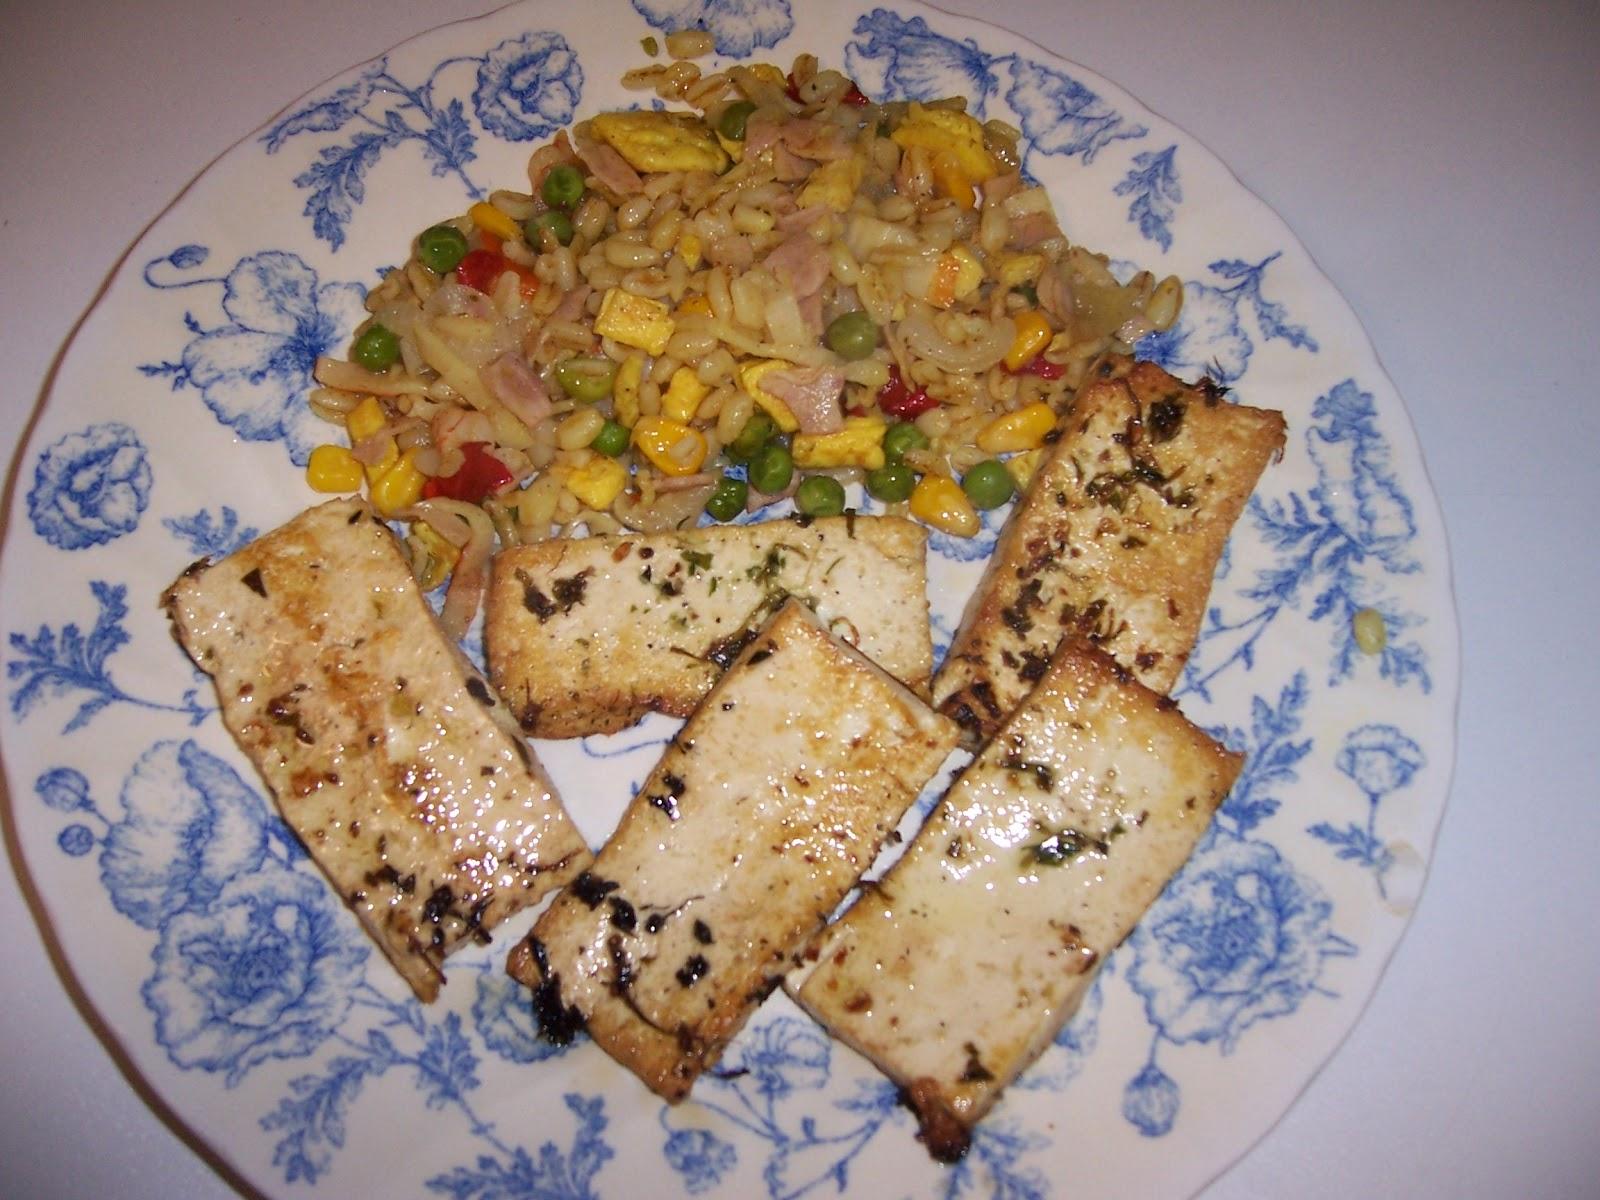 Pucheros de barro trigo frito y tofu - Pucheros de barro ...